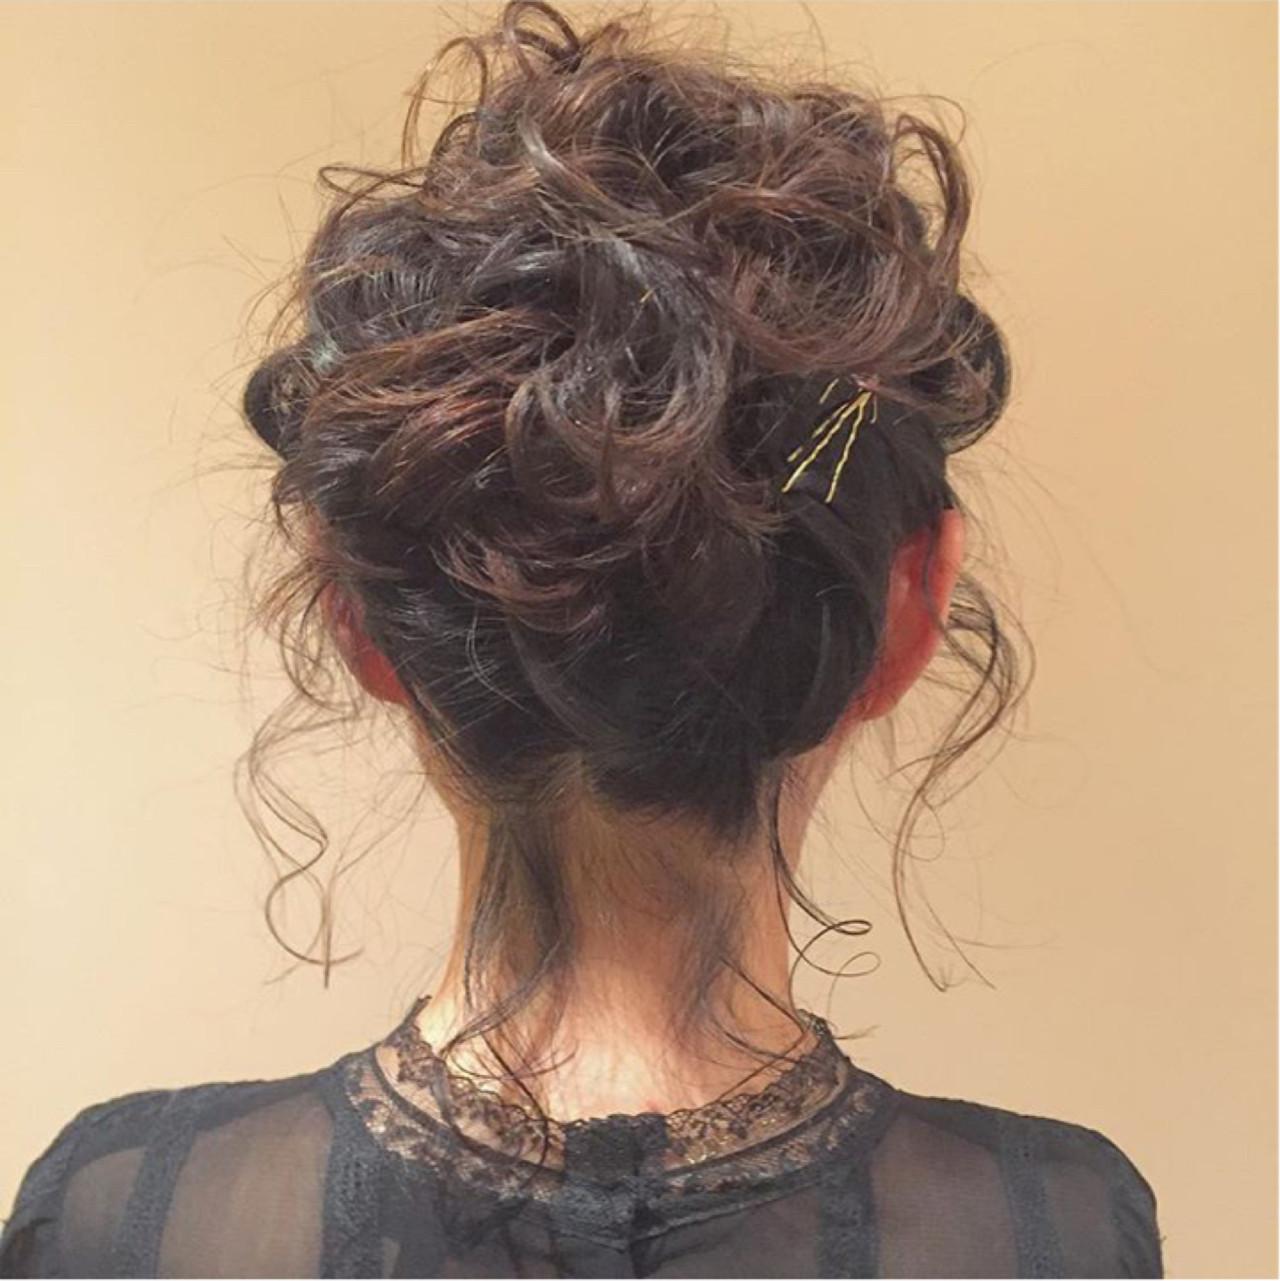 ヘアアレンジ 無造作 ボブ くせ毛風 ヘアスタイルや髪型の写真・画像